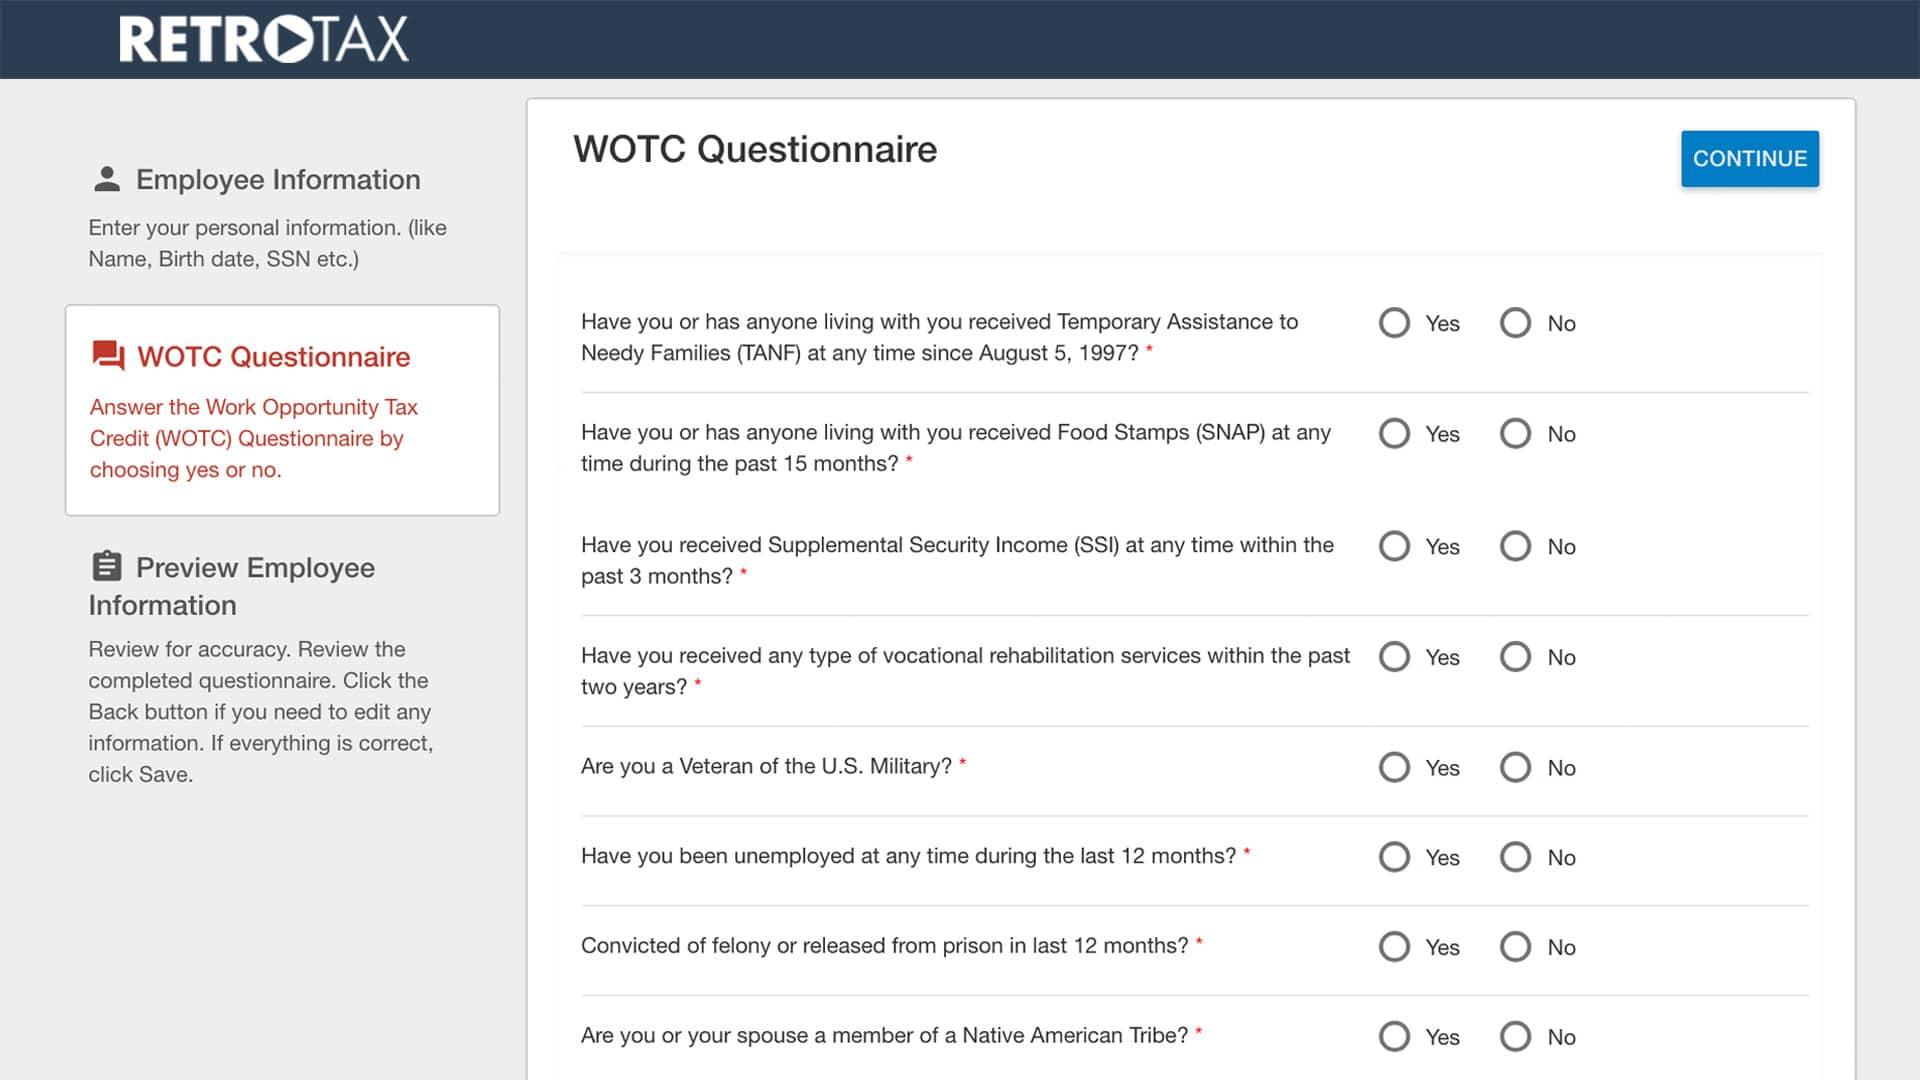 retrotax questionnaire 1920x1080